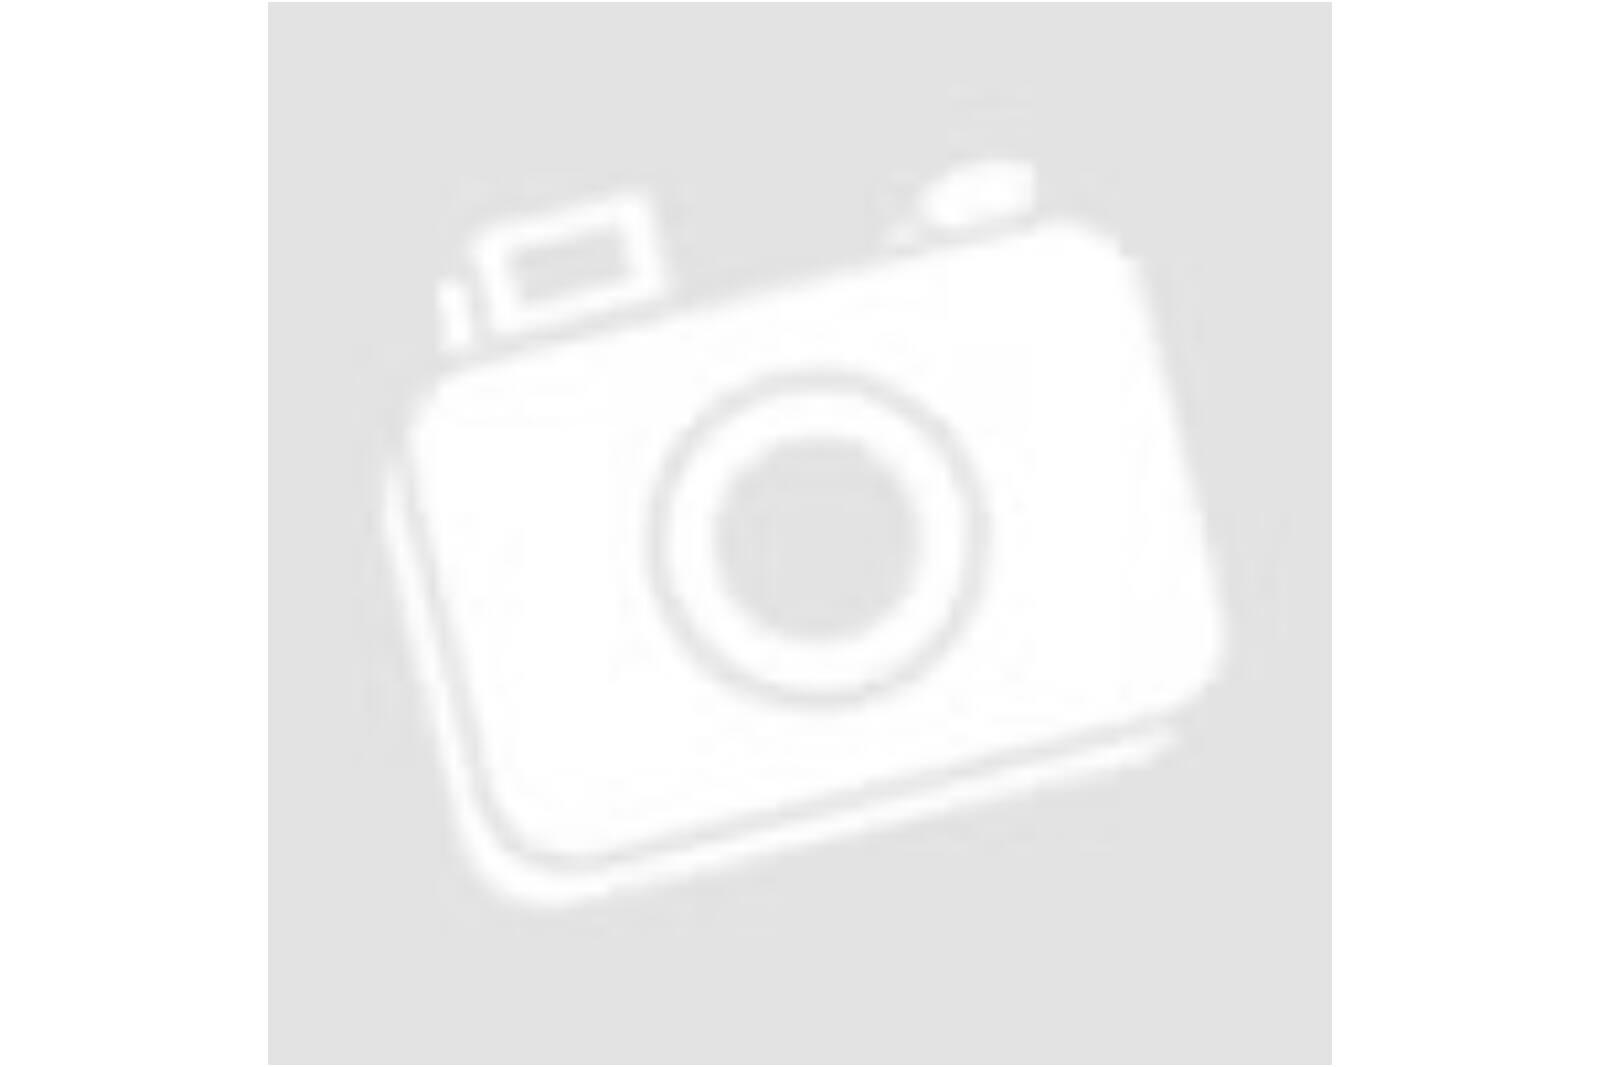 Hello Kitty tolltartó - Írószer outlet ca7ff75501